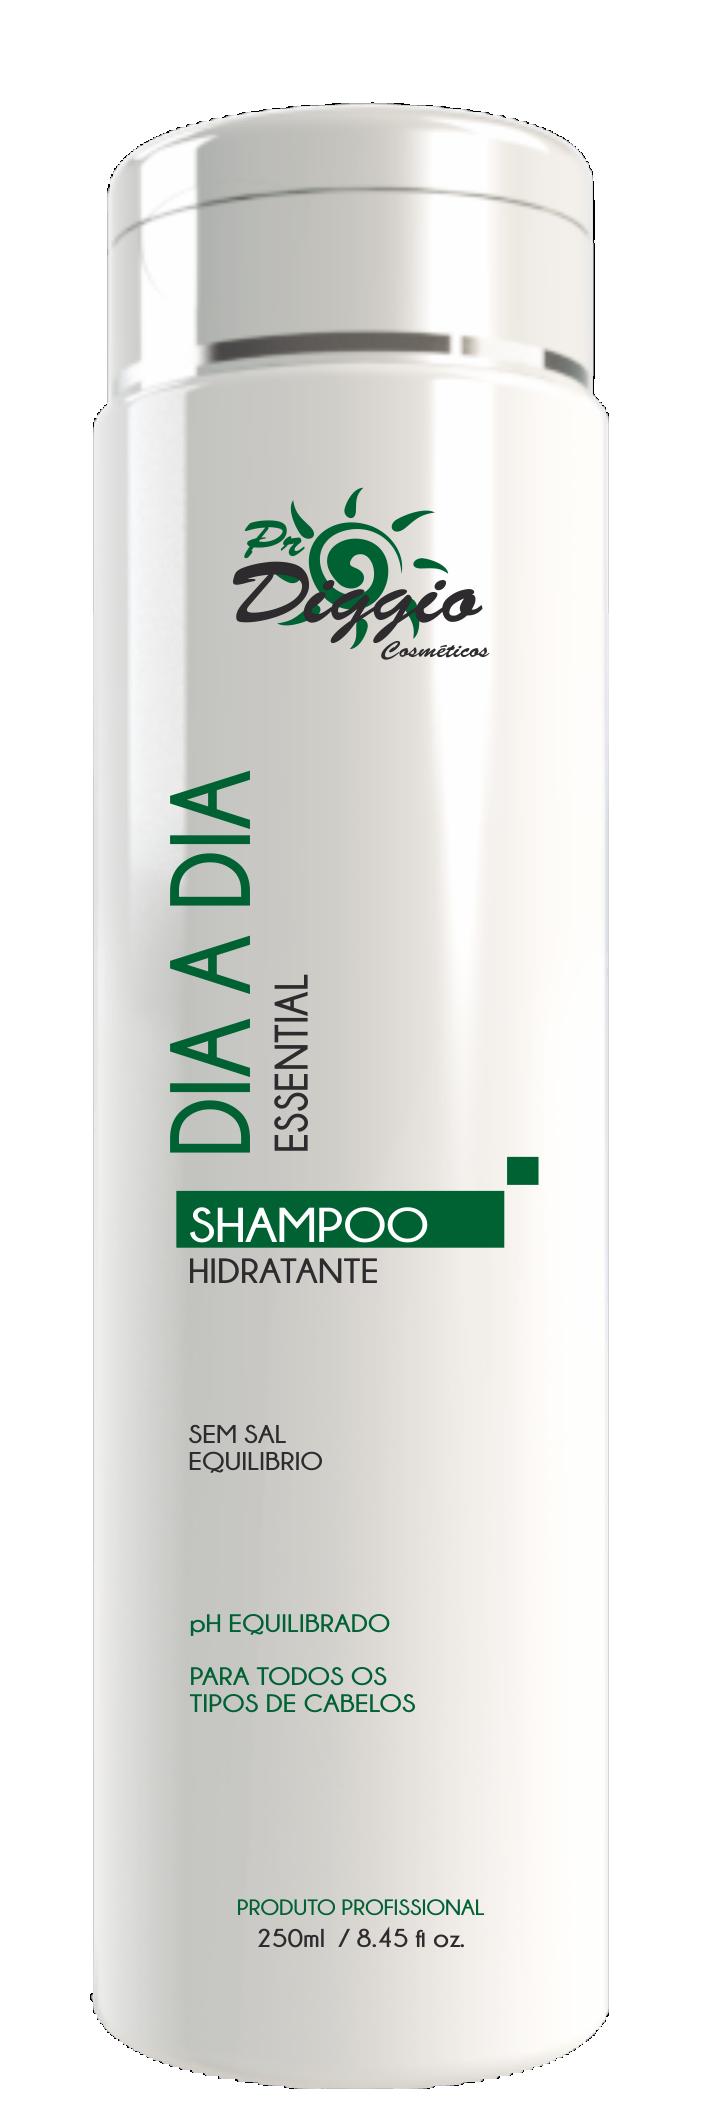 Shampoo Dia a Dia Essential